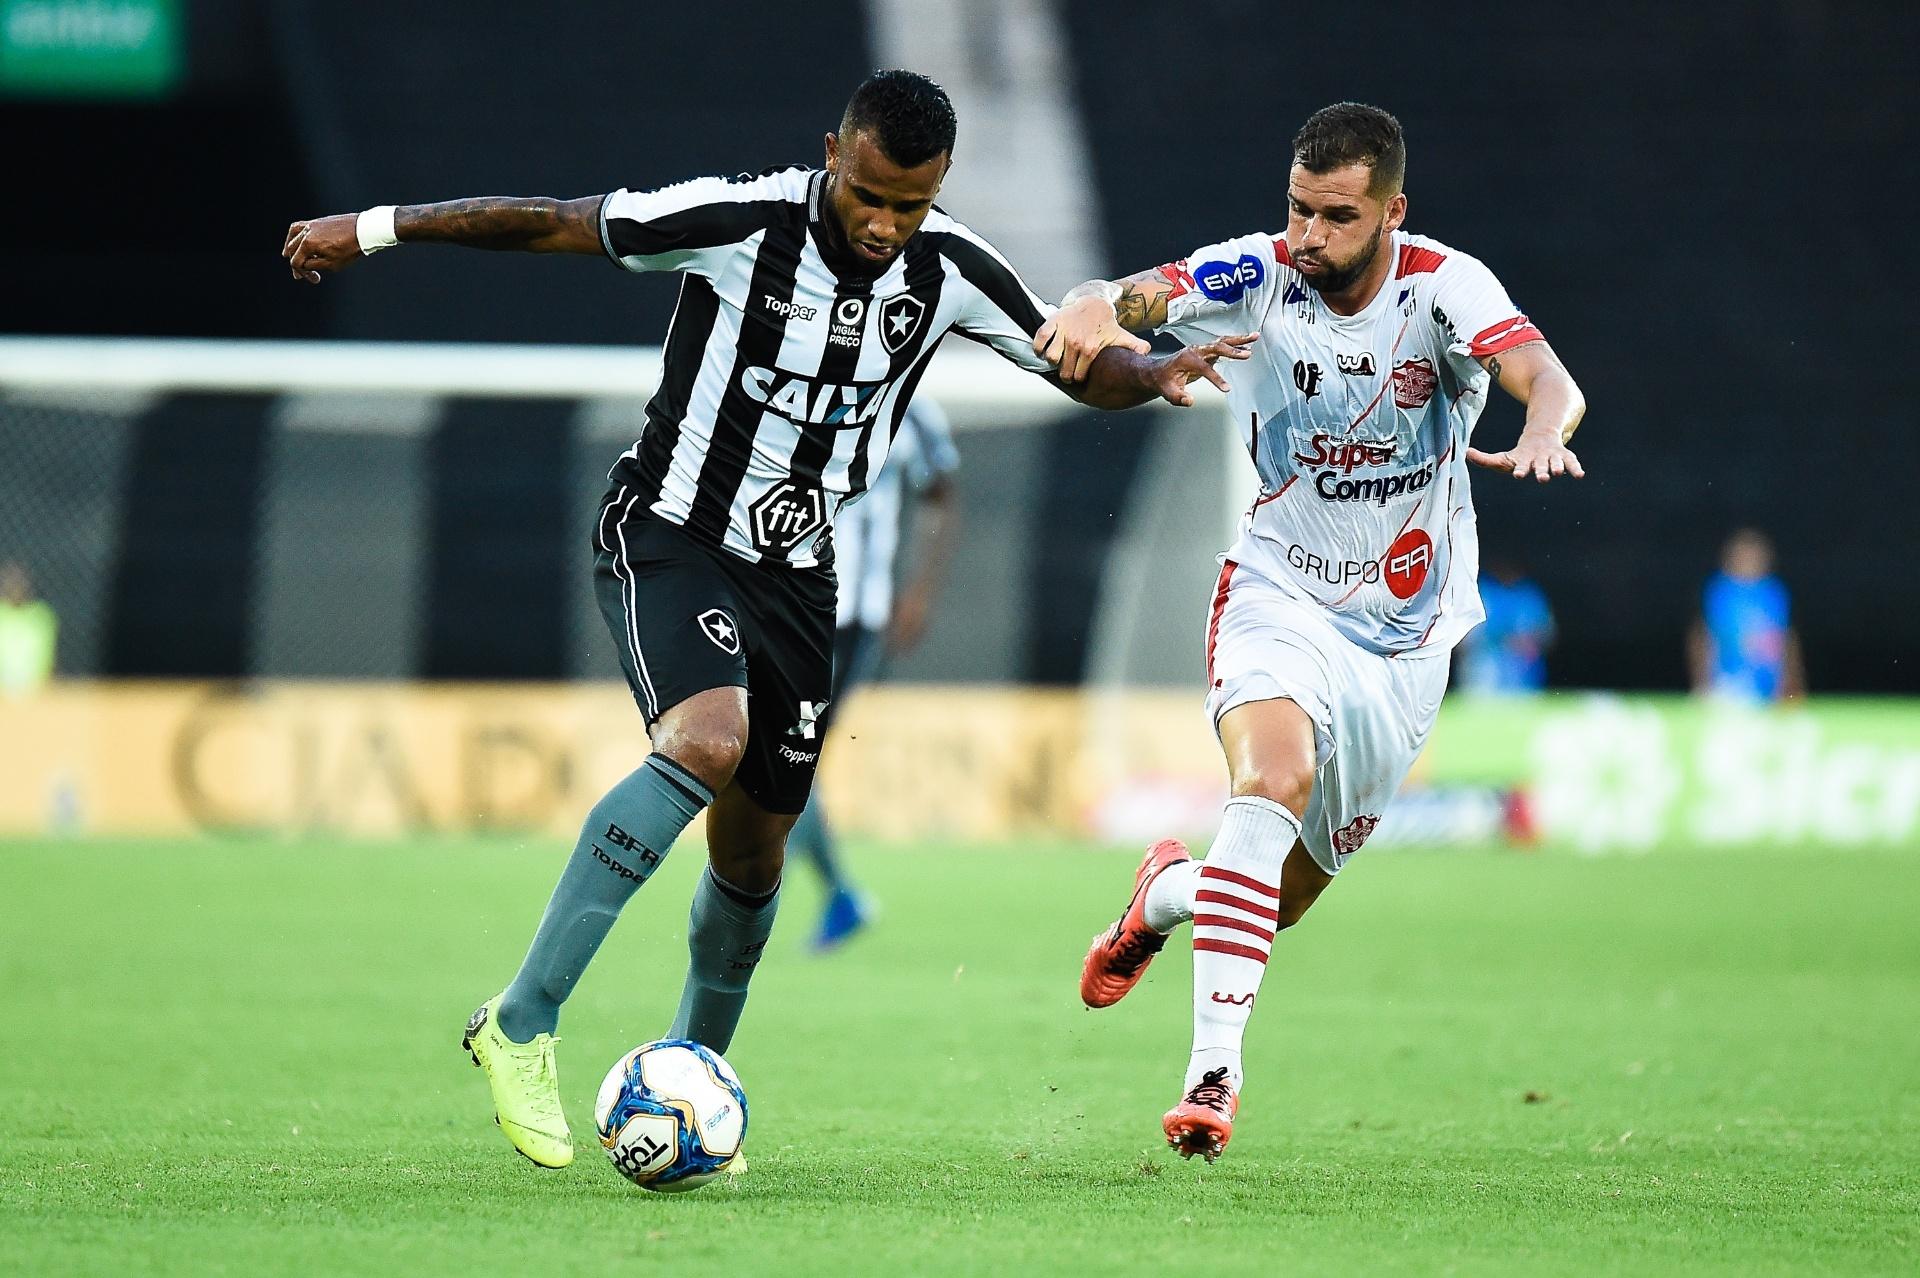 d423cc3942 Botafogo empata com Bangu e amplia desconfiança antes de encarar Flamengo -  23 01 2019 - UOL Esporte